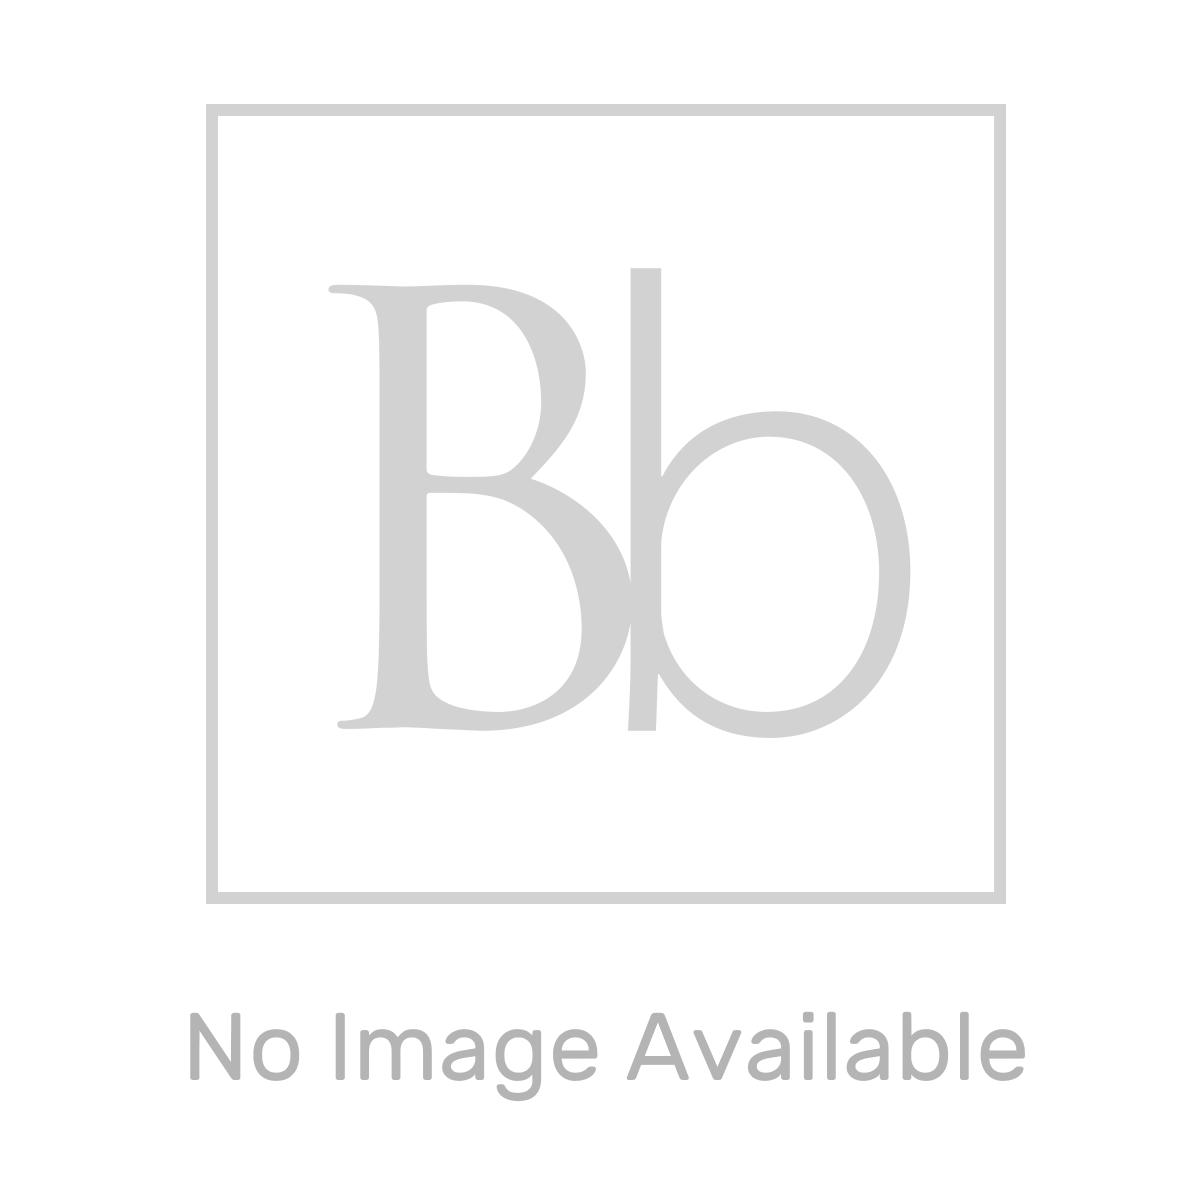 Frontline Slimline Offset Quadrant Shower Tray 1000 x 800mm Right Handed